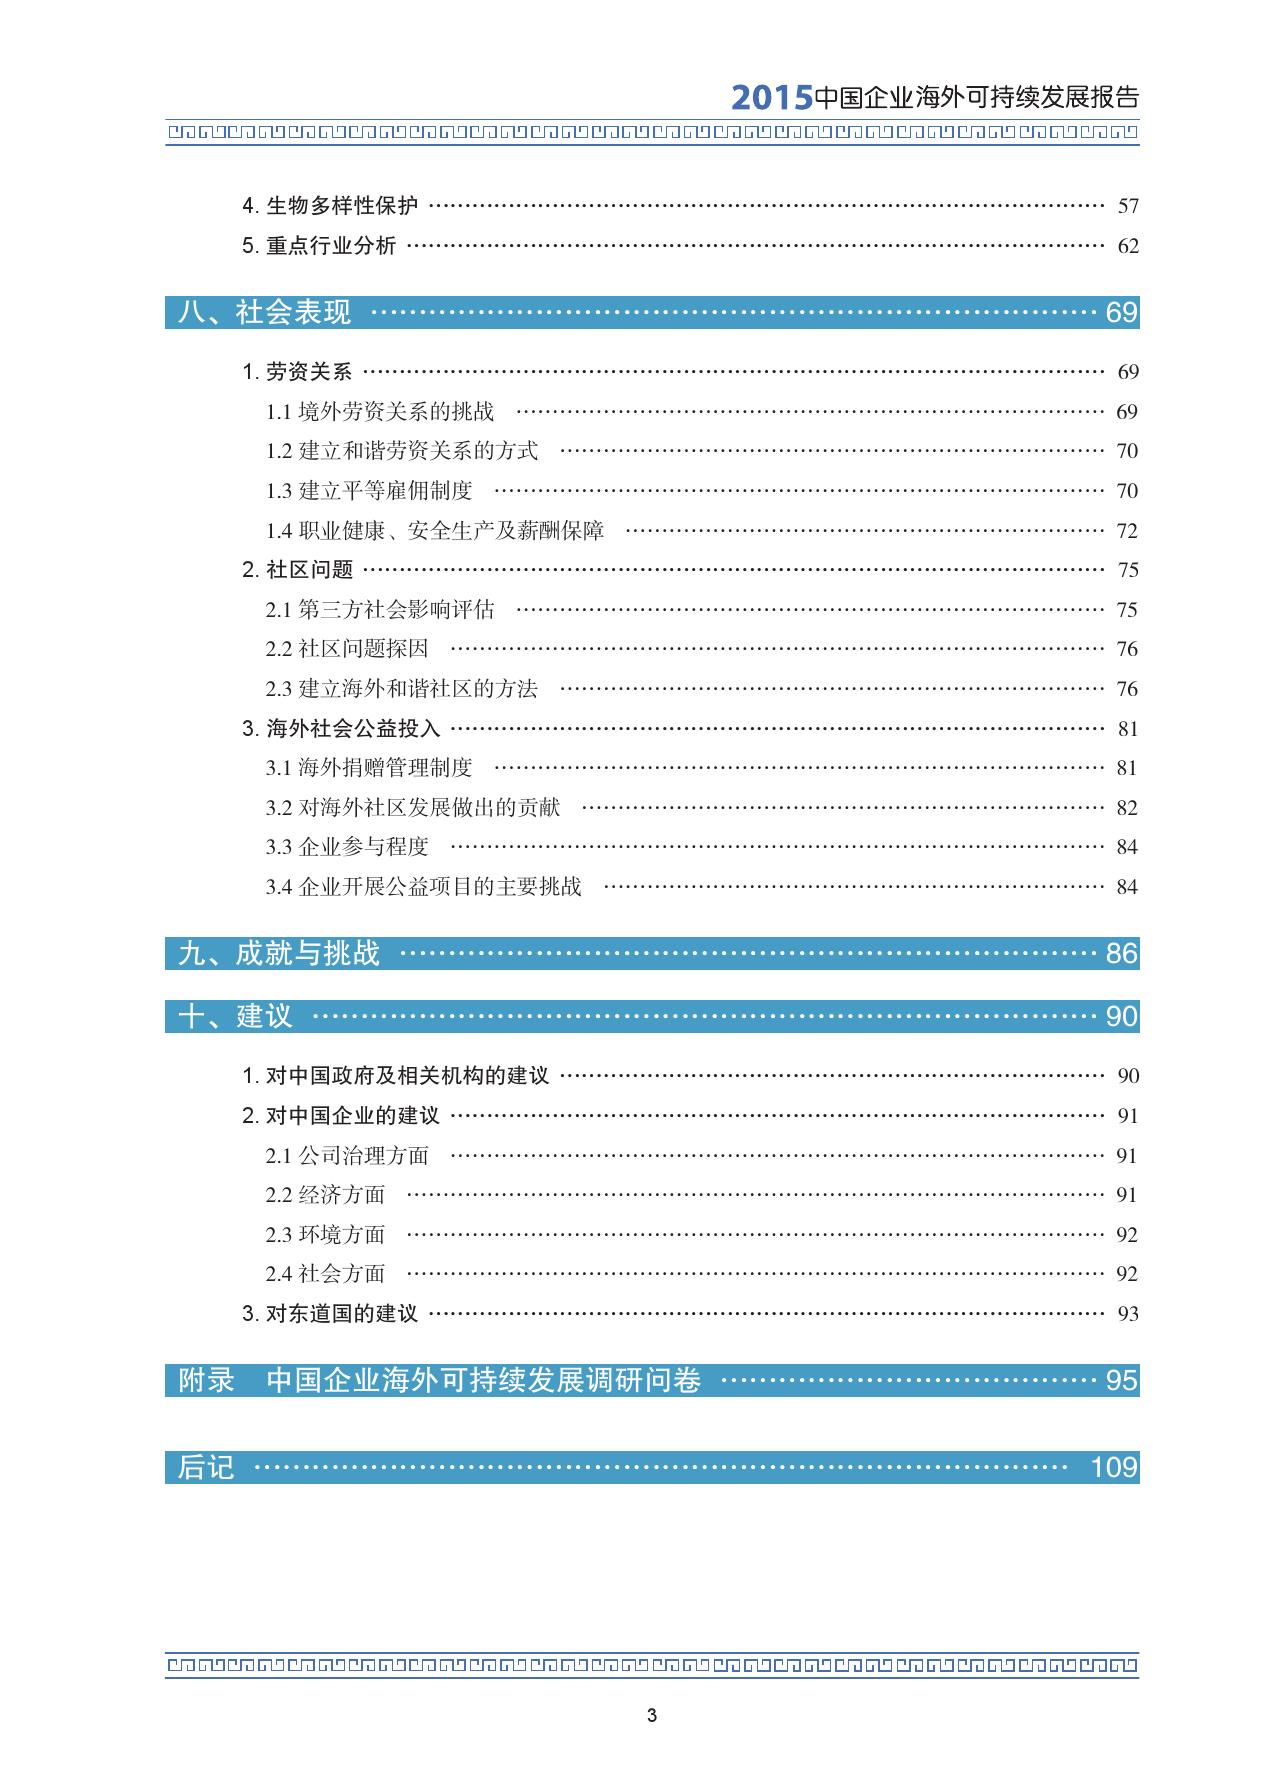 2015中国企业海外可持续发展报告_000010